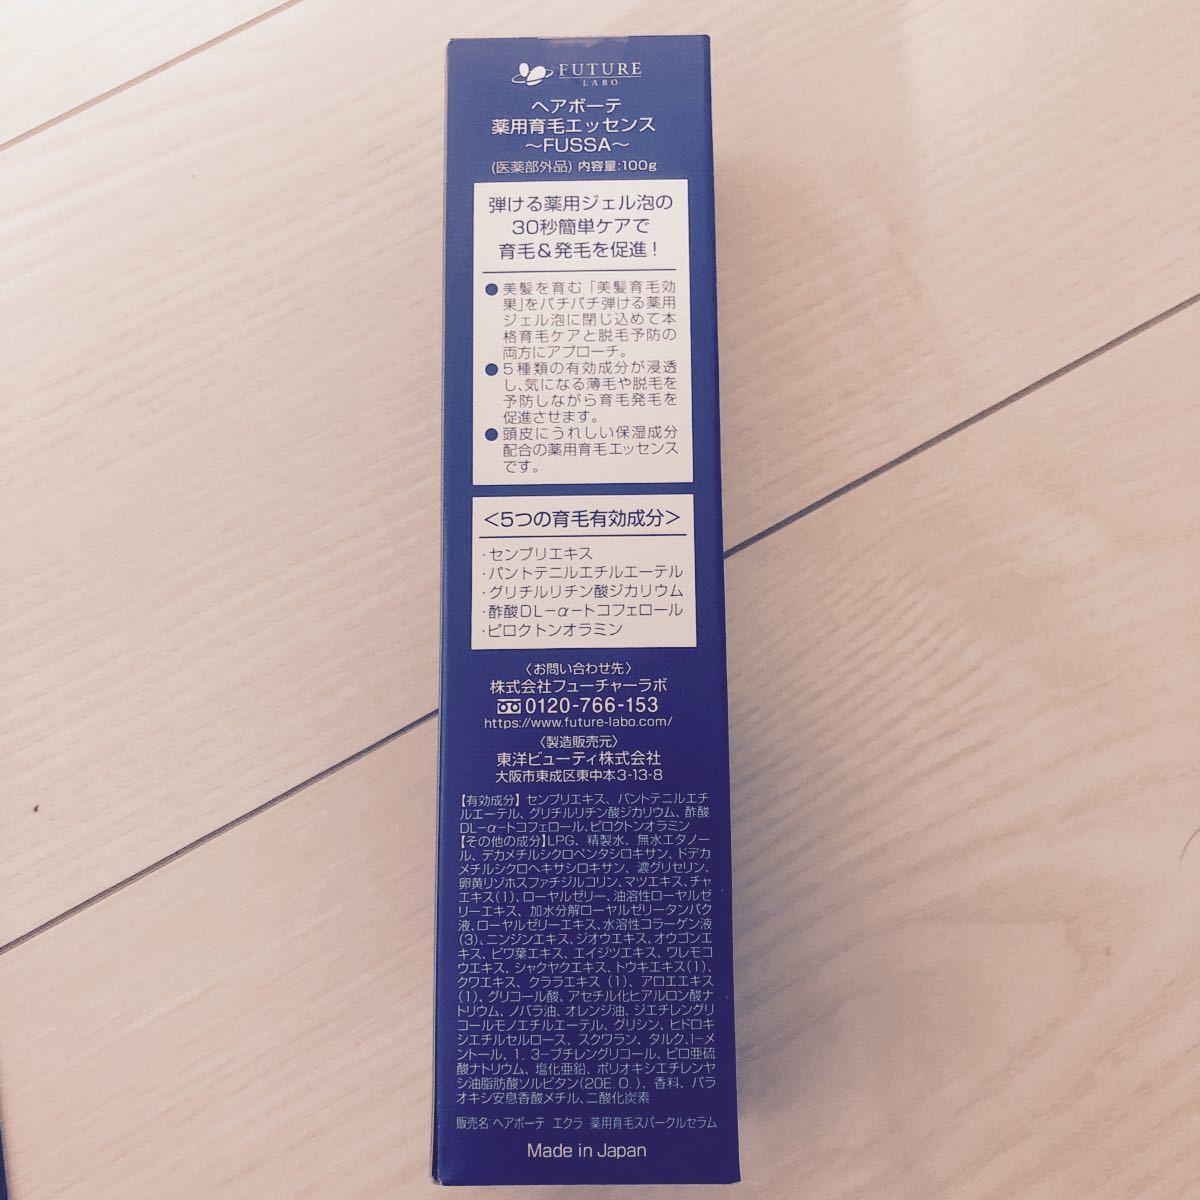 【匿名配送】ヘアボーテ薬用育毛エッセンスFUSSAフッサ